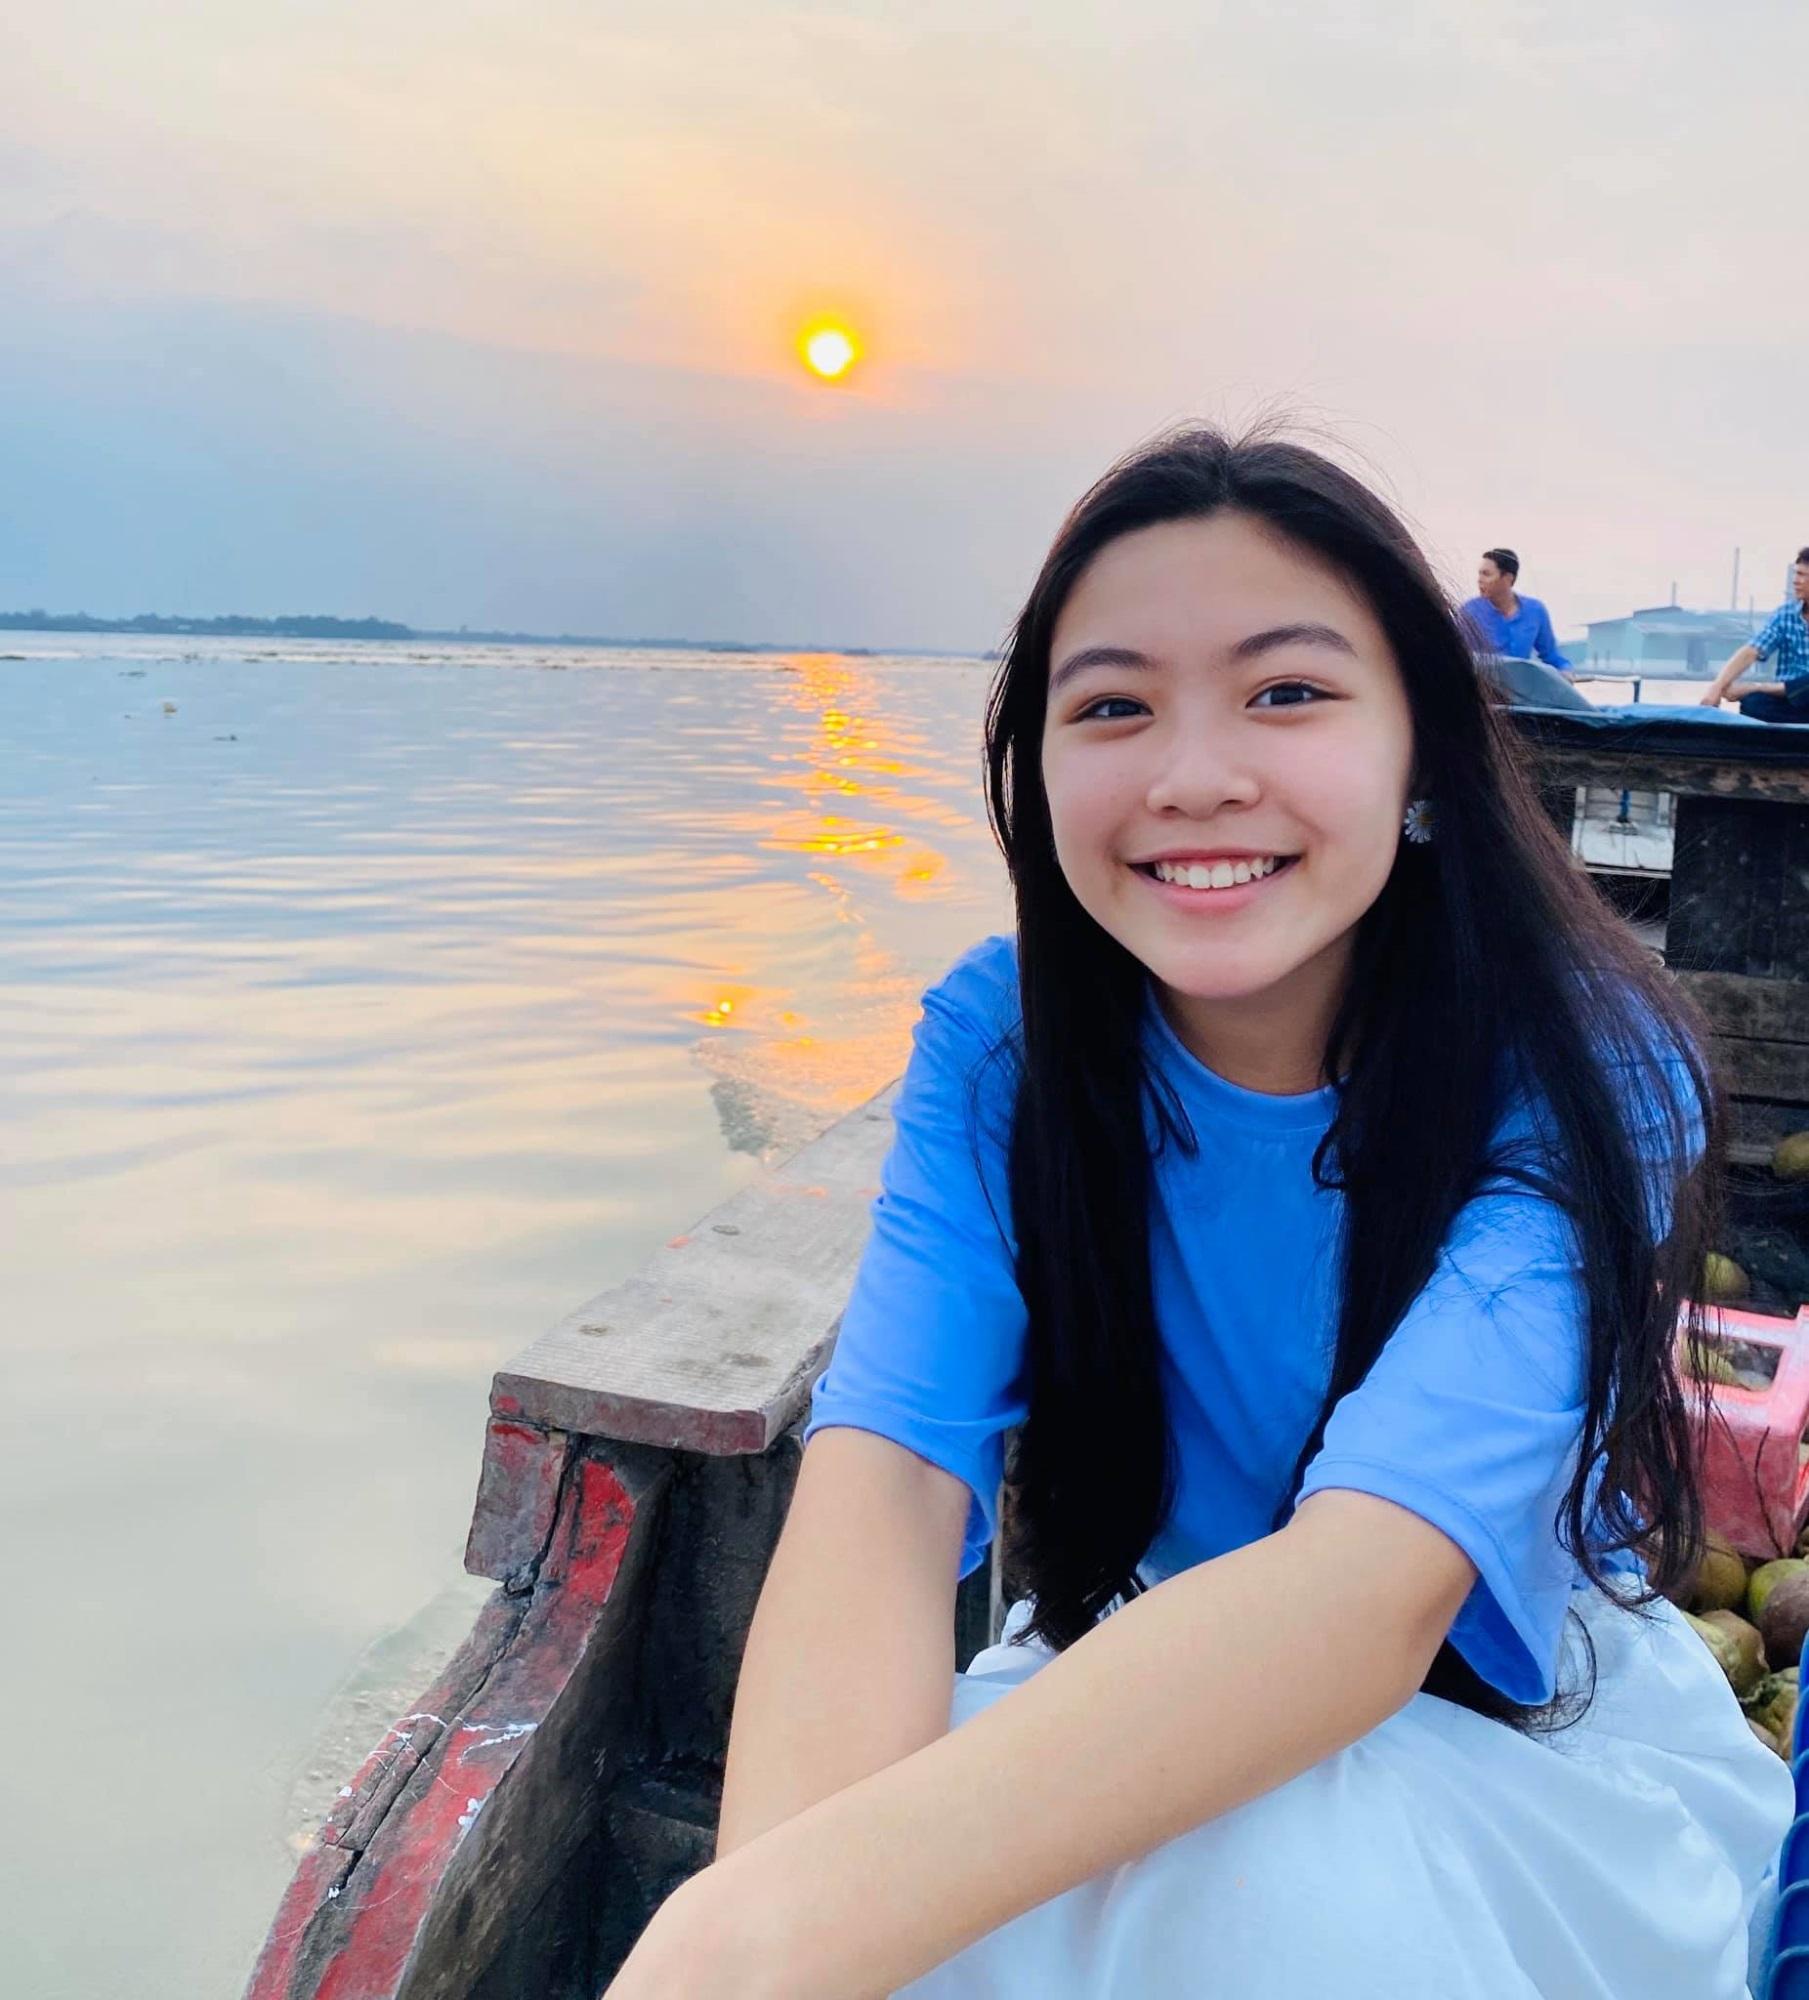 MC Quyền Linh chia sẻ hình ảnh ngày ấy - bây giờ của bé Lọ Lem, nhân dịp sinh nhật 14 tuổi - Ảnh 5